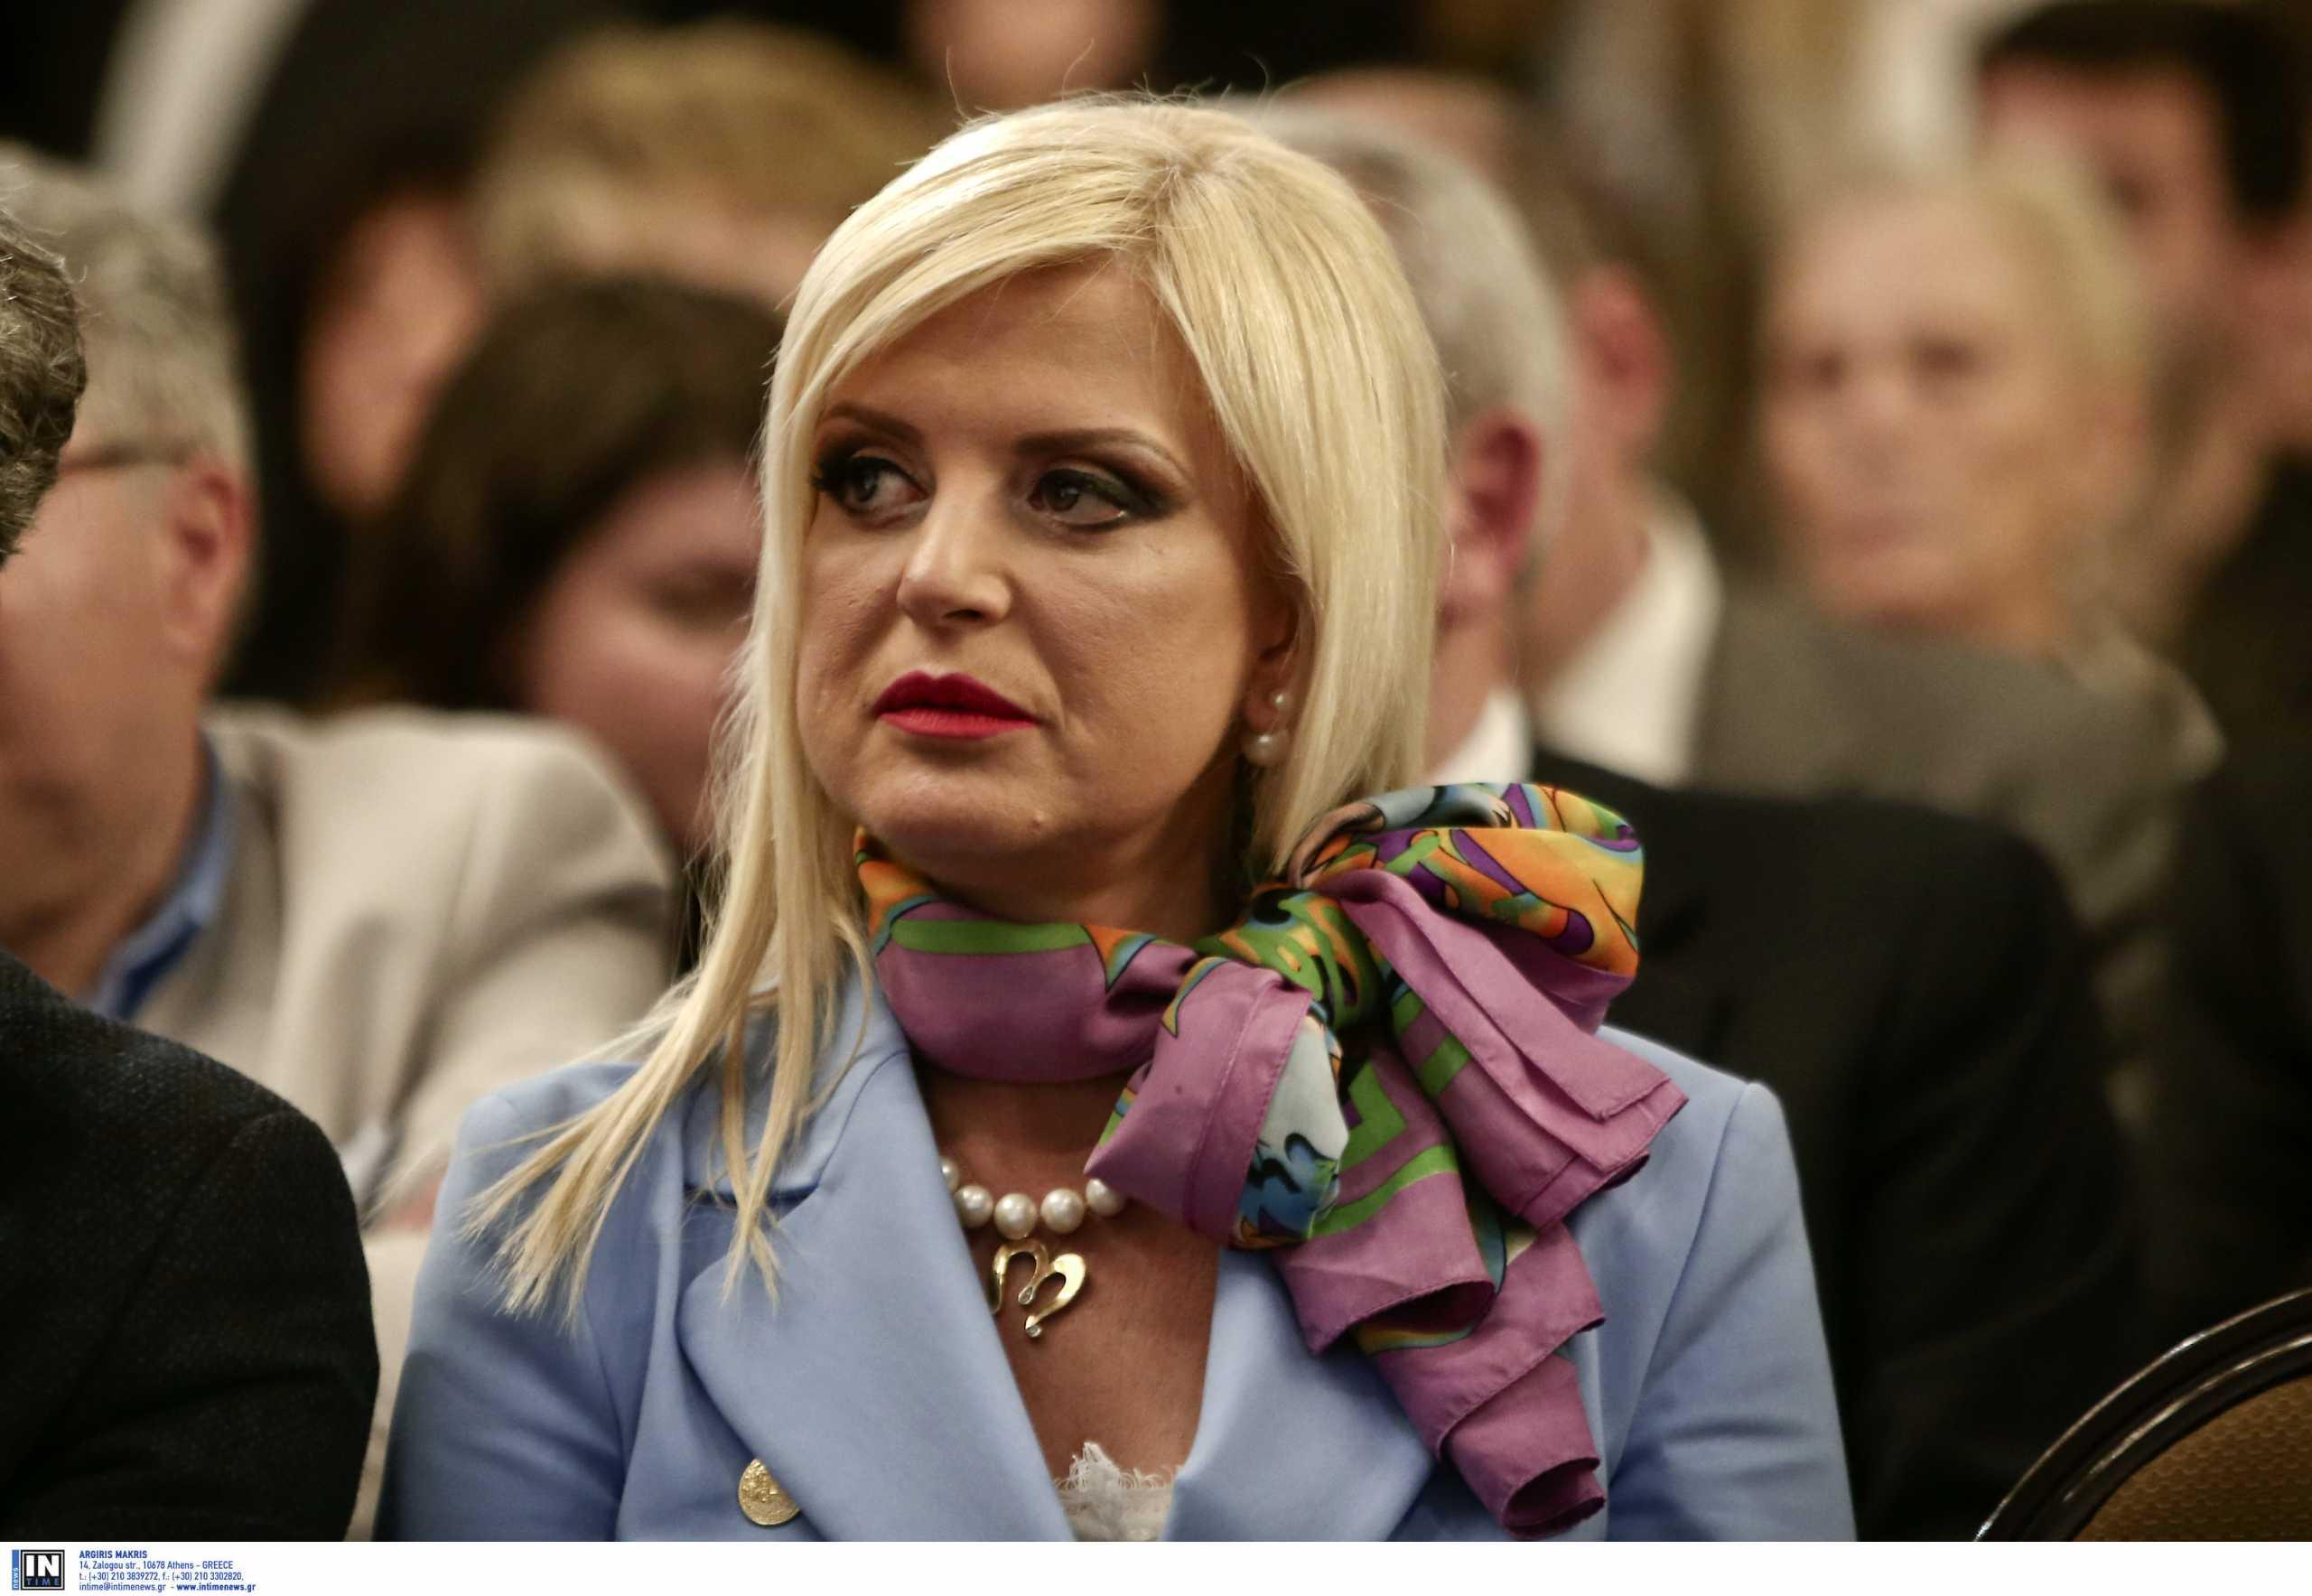 Μαρίνα Πατούλη: Τι απαντά η Περιφέρεια Αττικής και ο ΙΣΑ στις καταγγελίες της